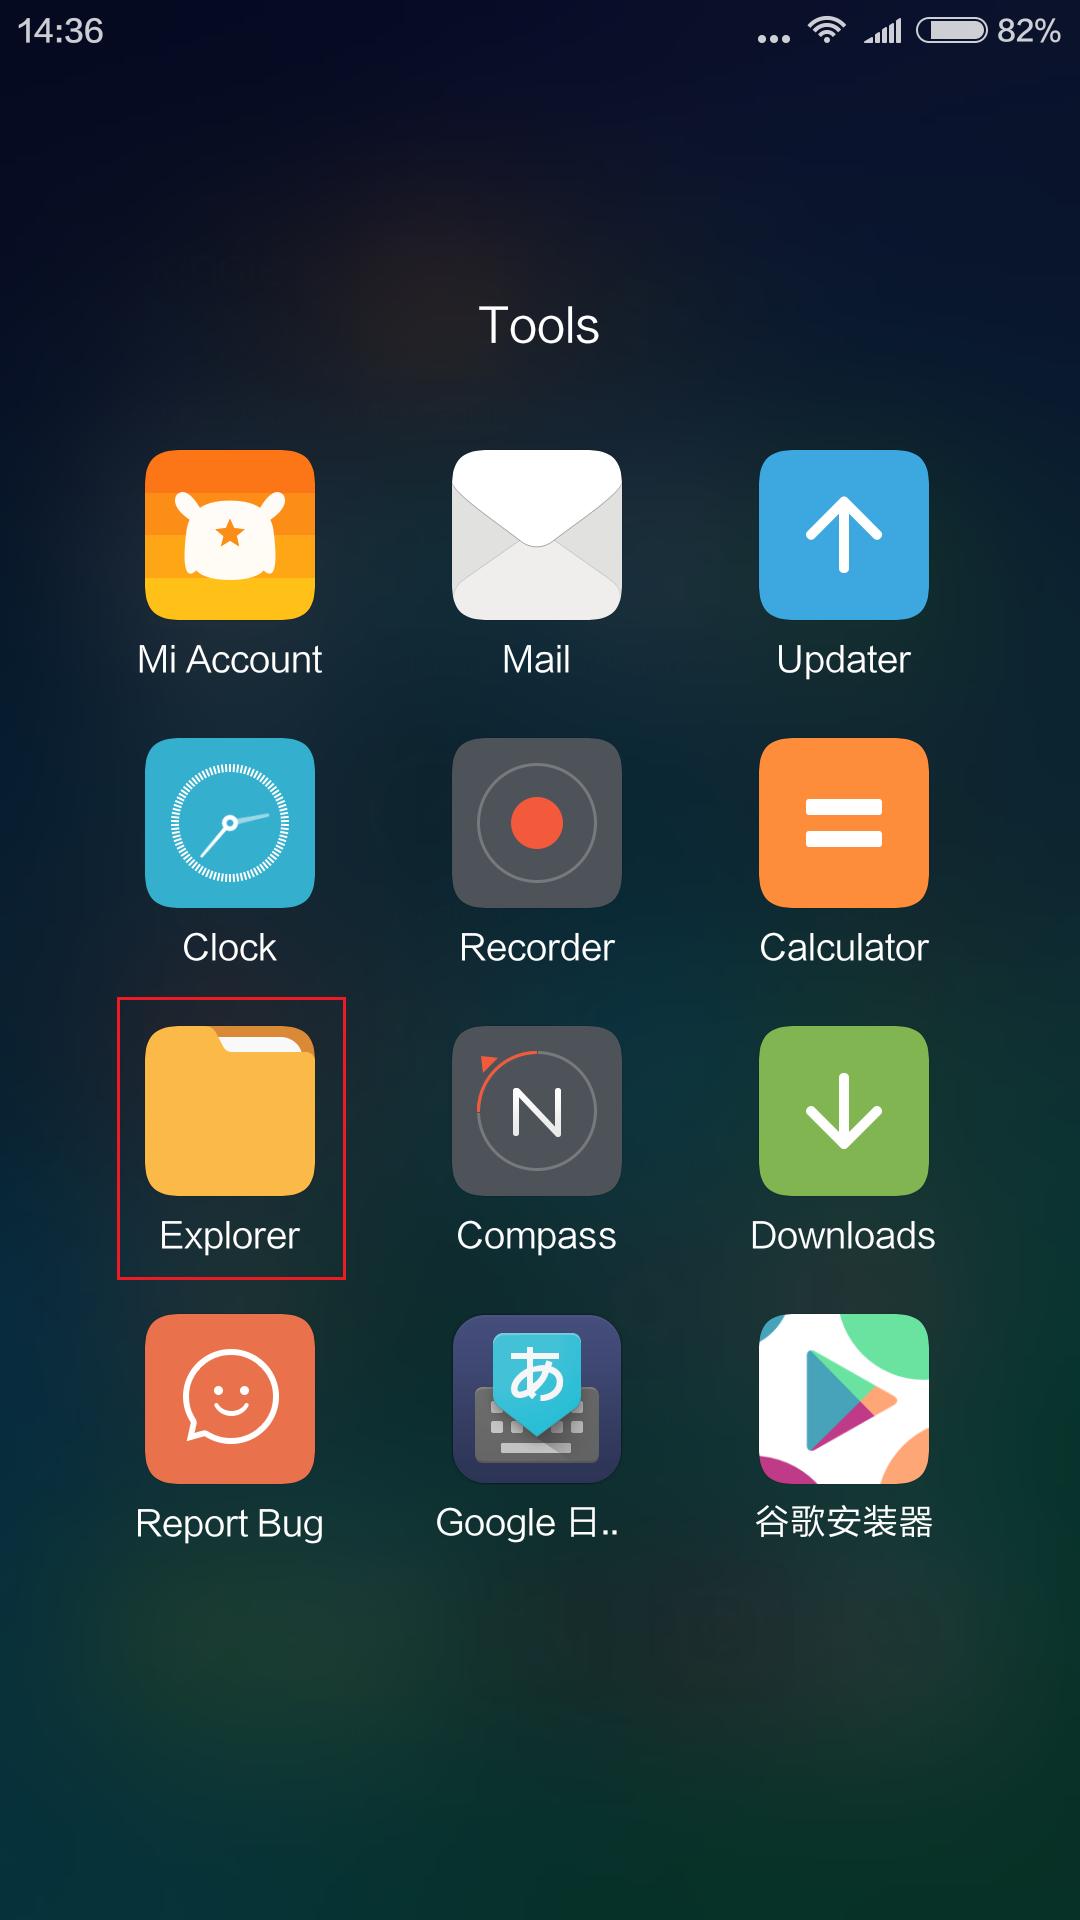 ExplorerアプリでDLしたapkを起動する